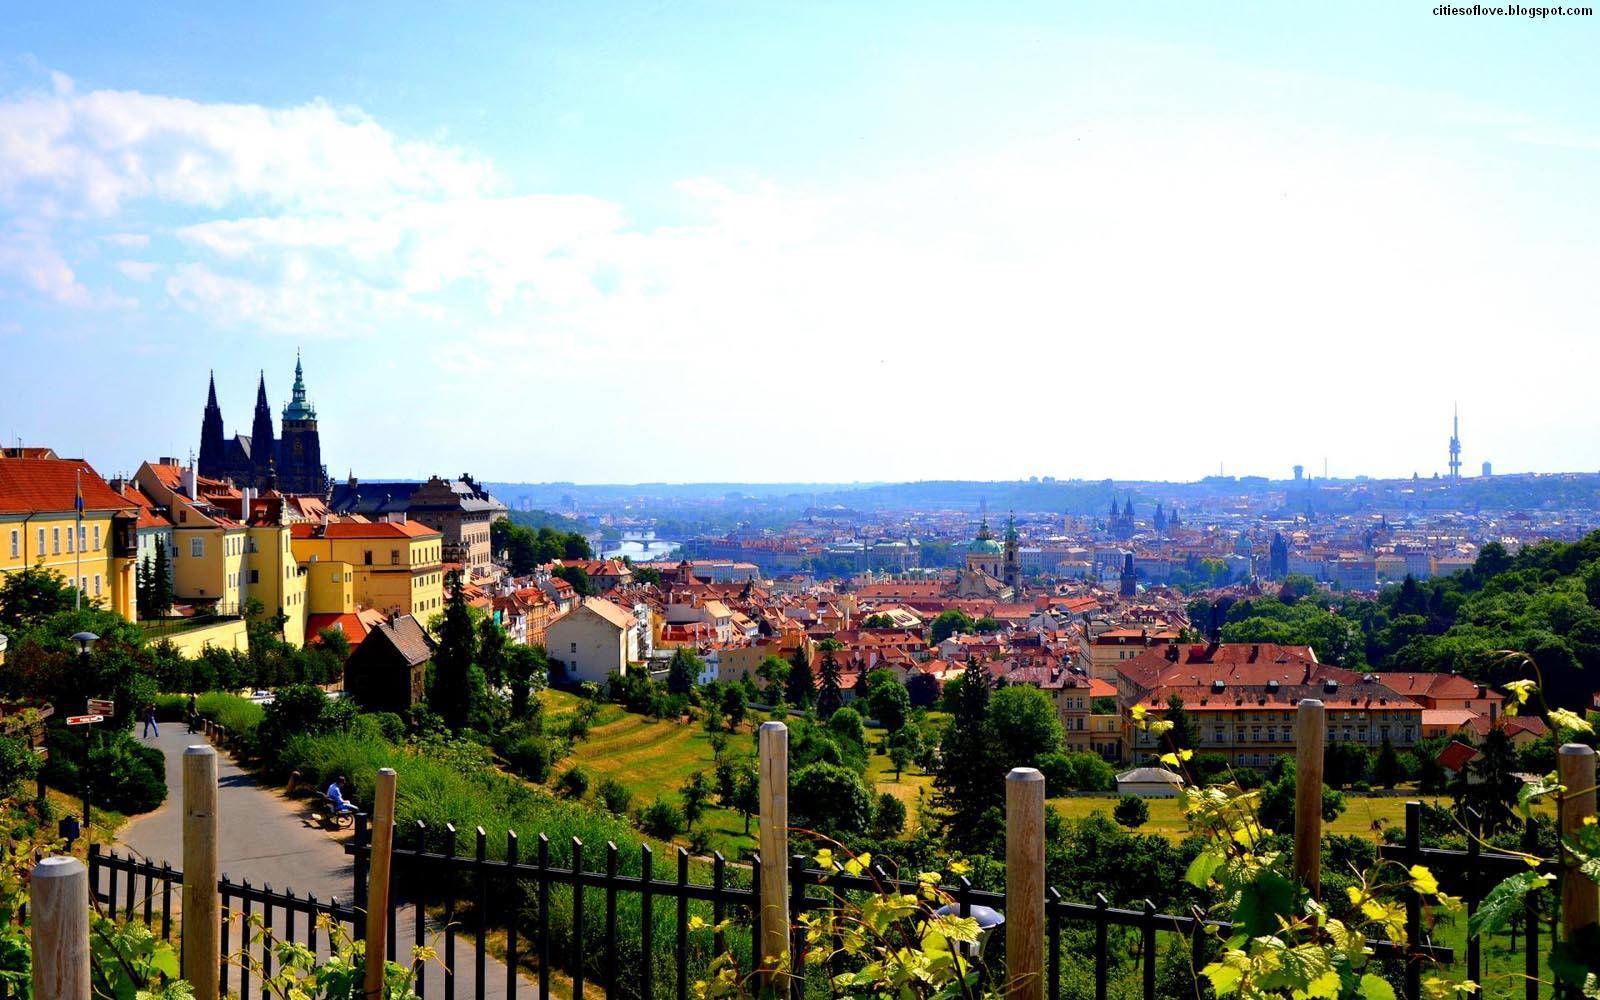 http://4.bp.blogspot.com/-b2J5WrM2IHg/UNdraNTf90I/AAAAAAAAJAo/g7JmDODE_EI/s1600/Prague_Beautiful_Paradise_Wonderful_Capital_City_Czech_Republic_Hd_Desktop_Wallpaper_citiesoflove.blogspot.com.jpg